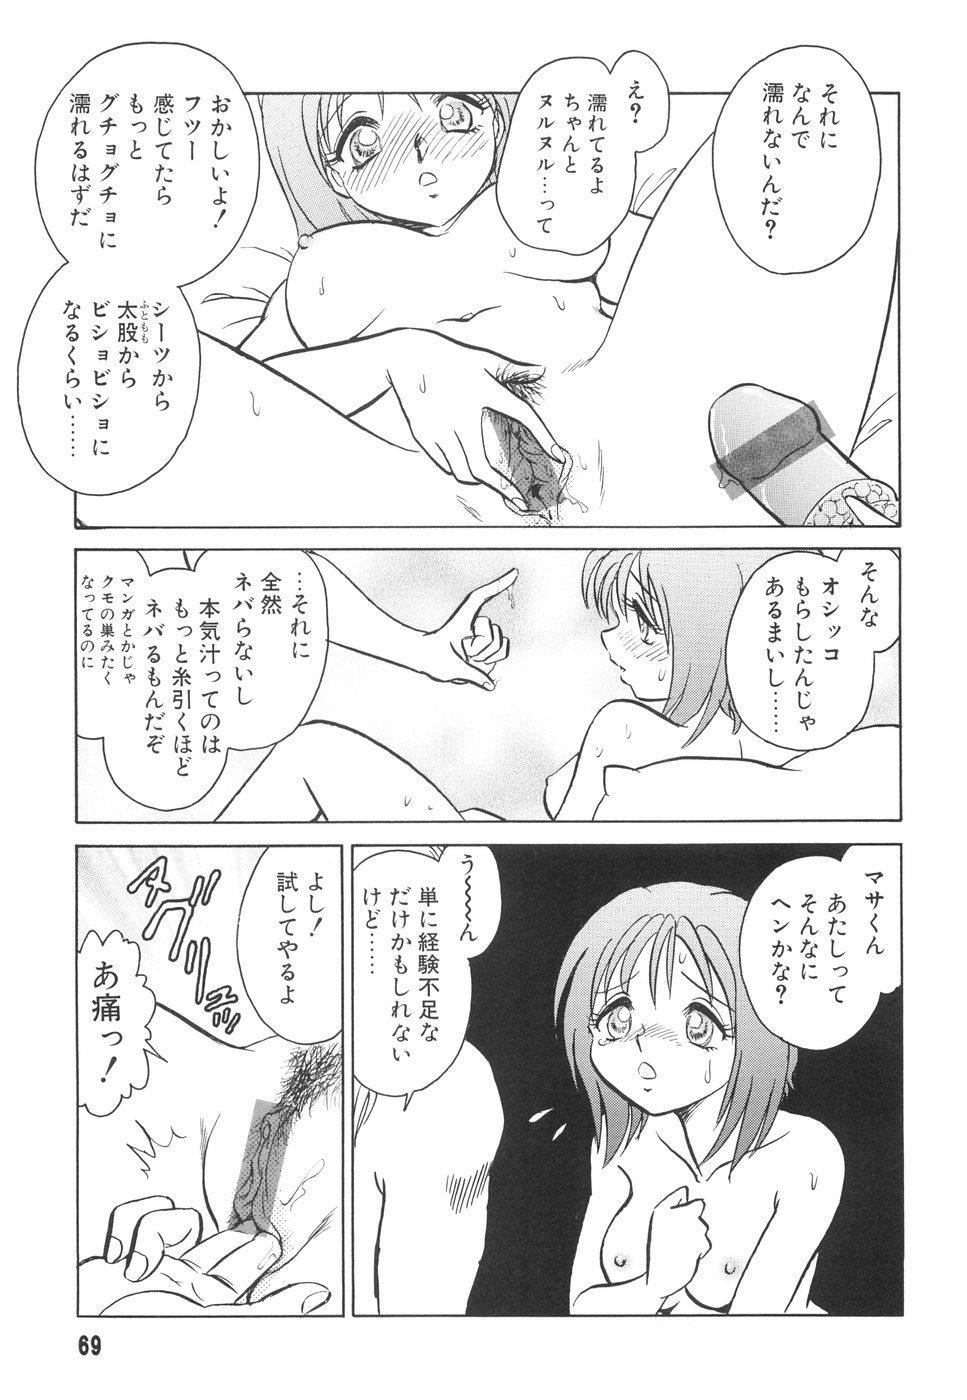 Hazukashime no Jikan 69